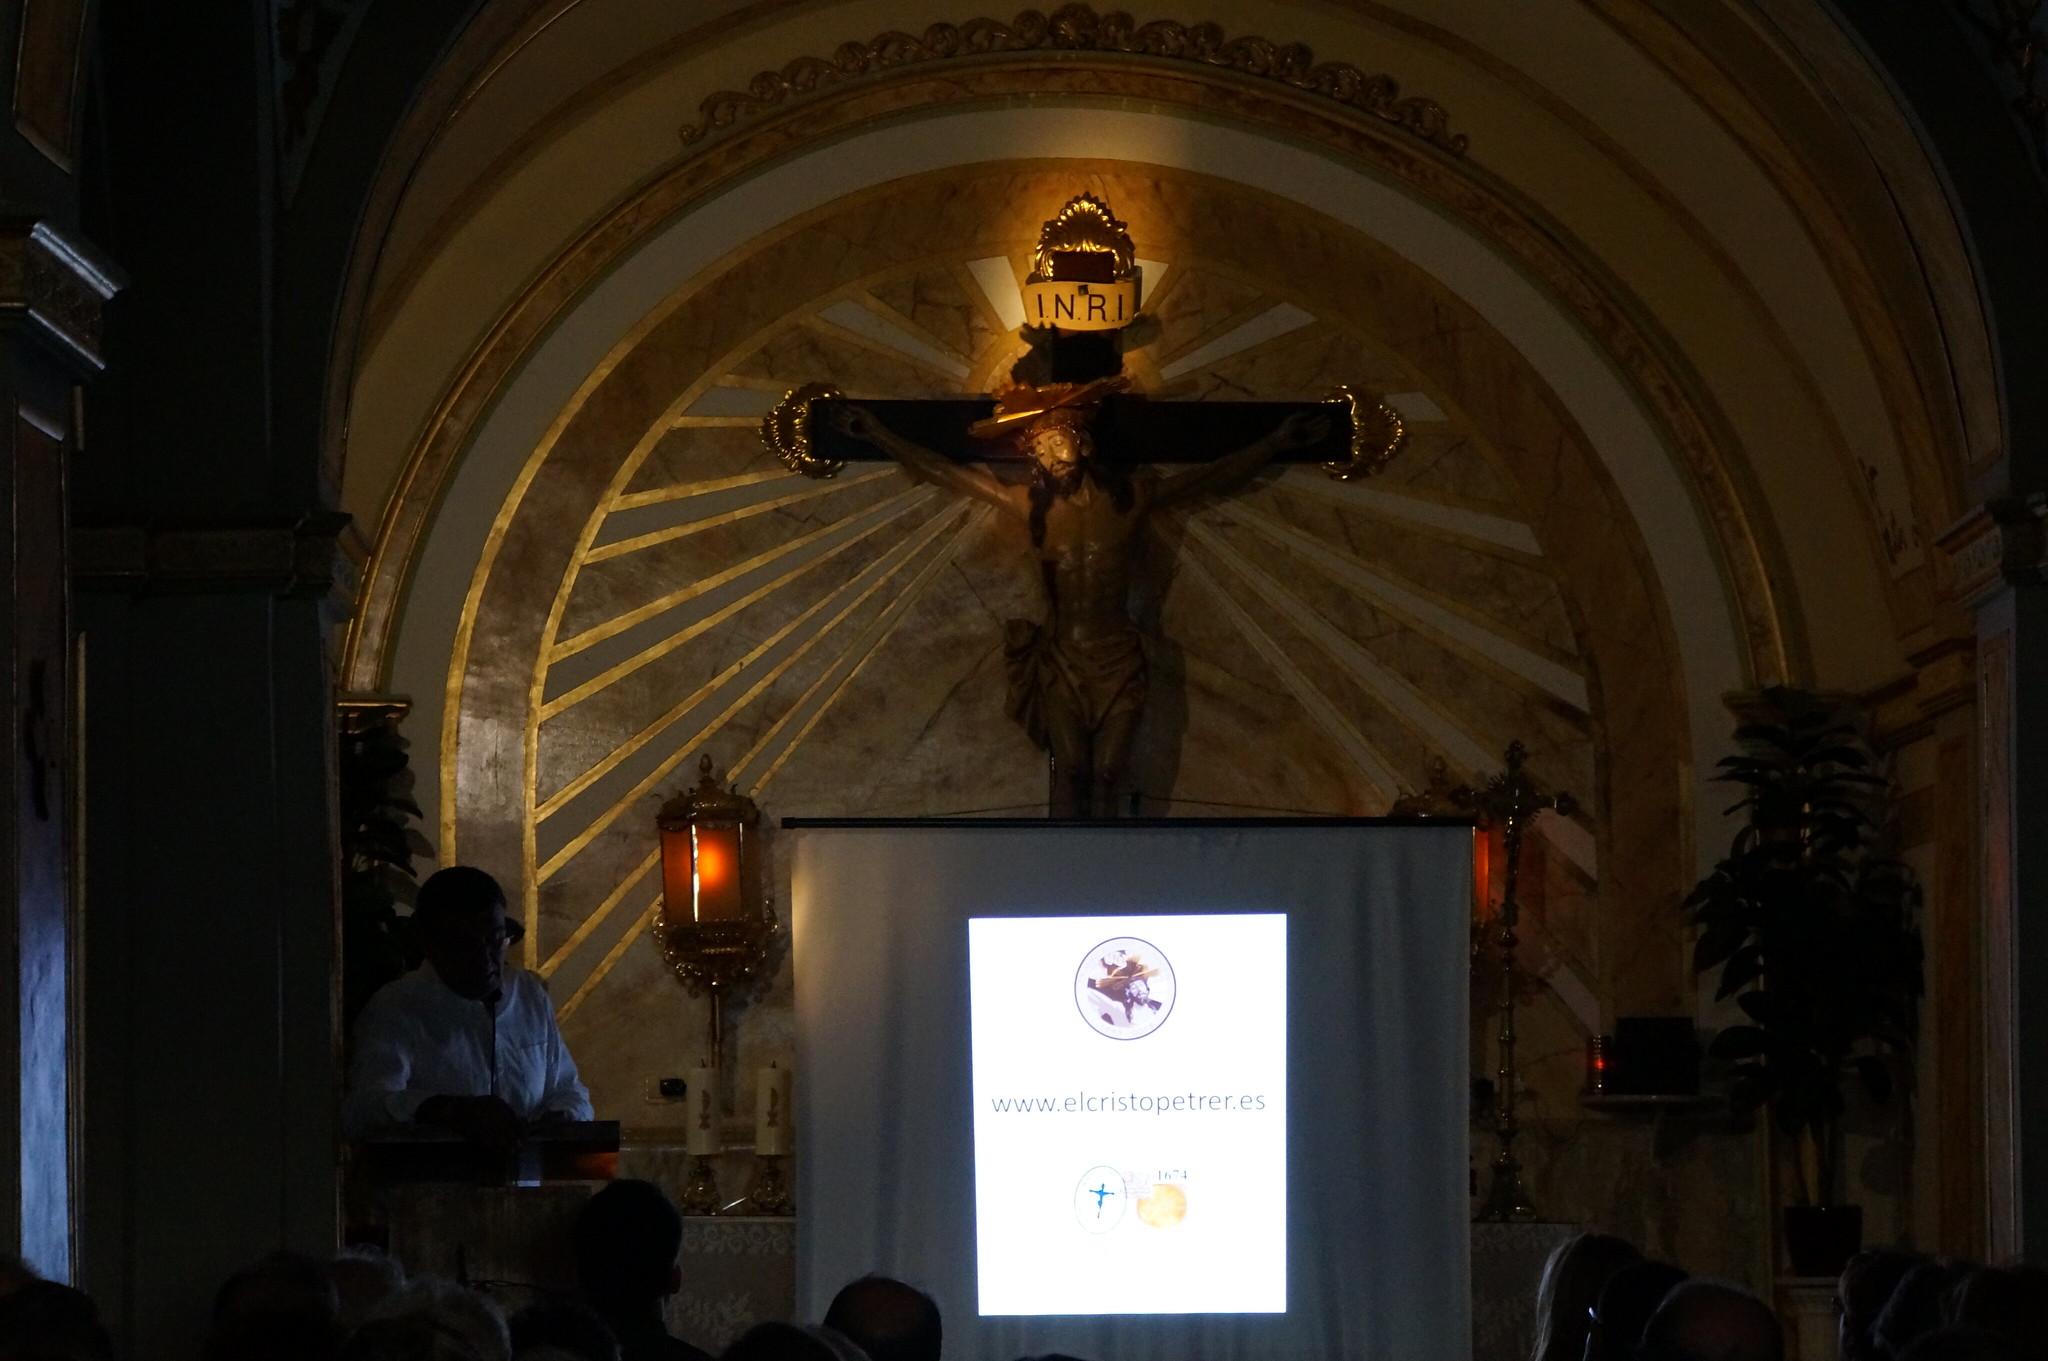 (2018-06-12) Presentación Revista El Cristo 2018 - Paqui Reig Aracil (10)